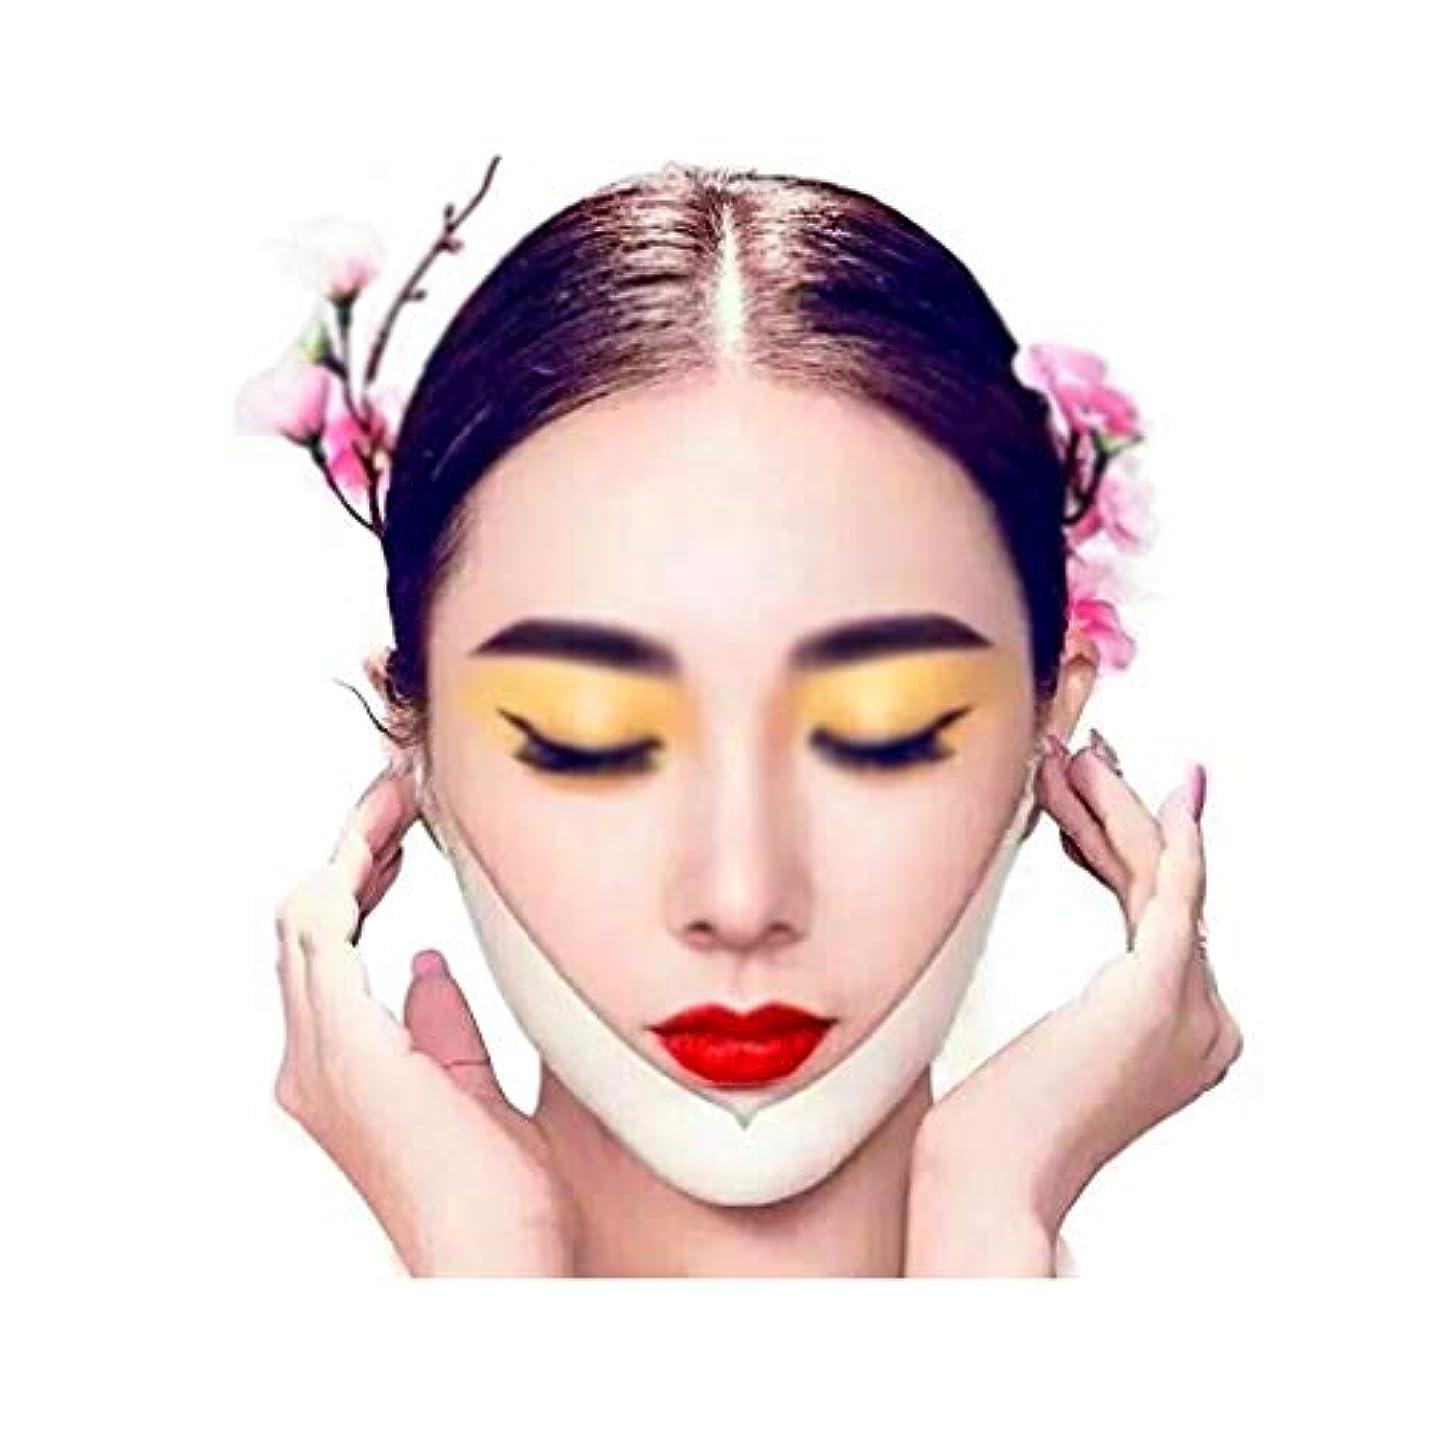 溶岩民主主義伝染性XHLMRMJ 薄い顔のマスク、Vの顔の包帯、下顎の咬筋のあごを改善して顔のラインを形作る、5つのボックス、3つの顔のマスク